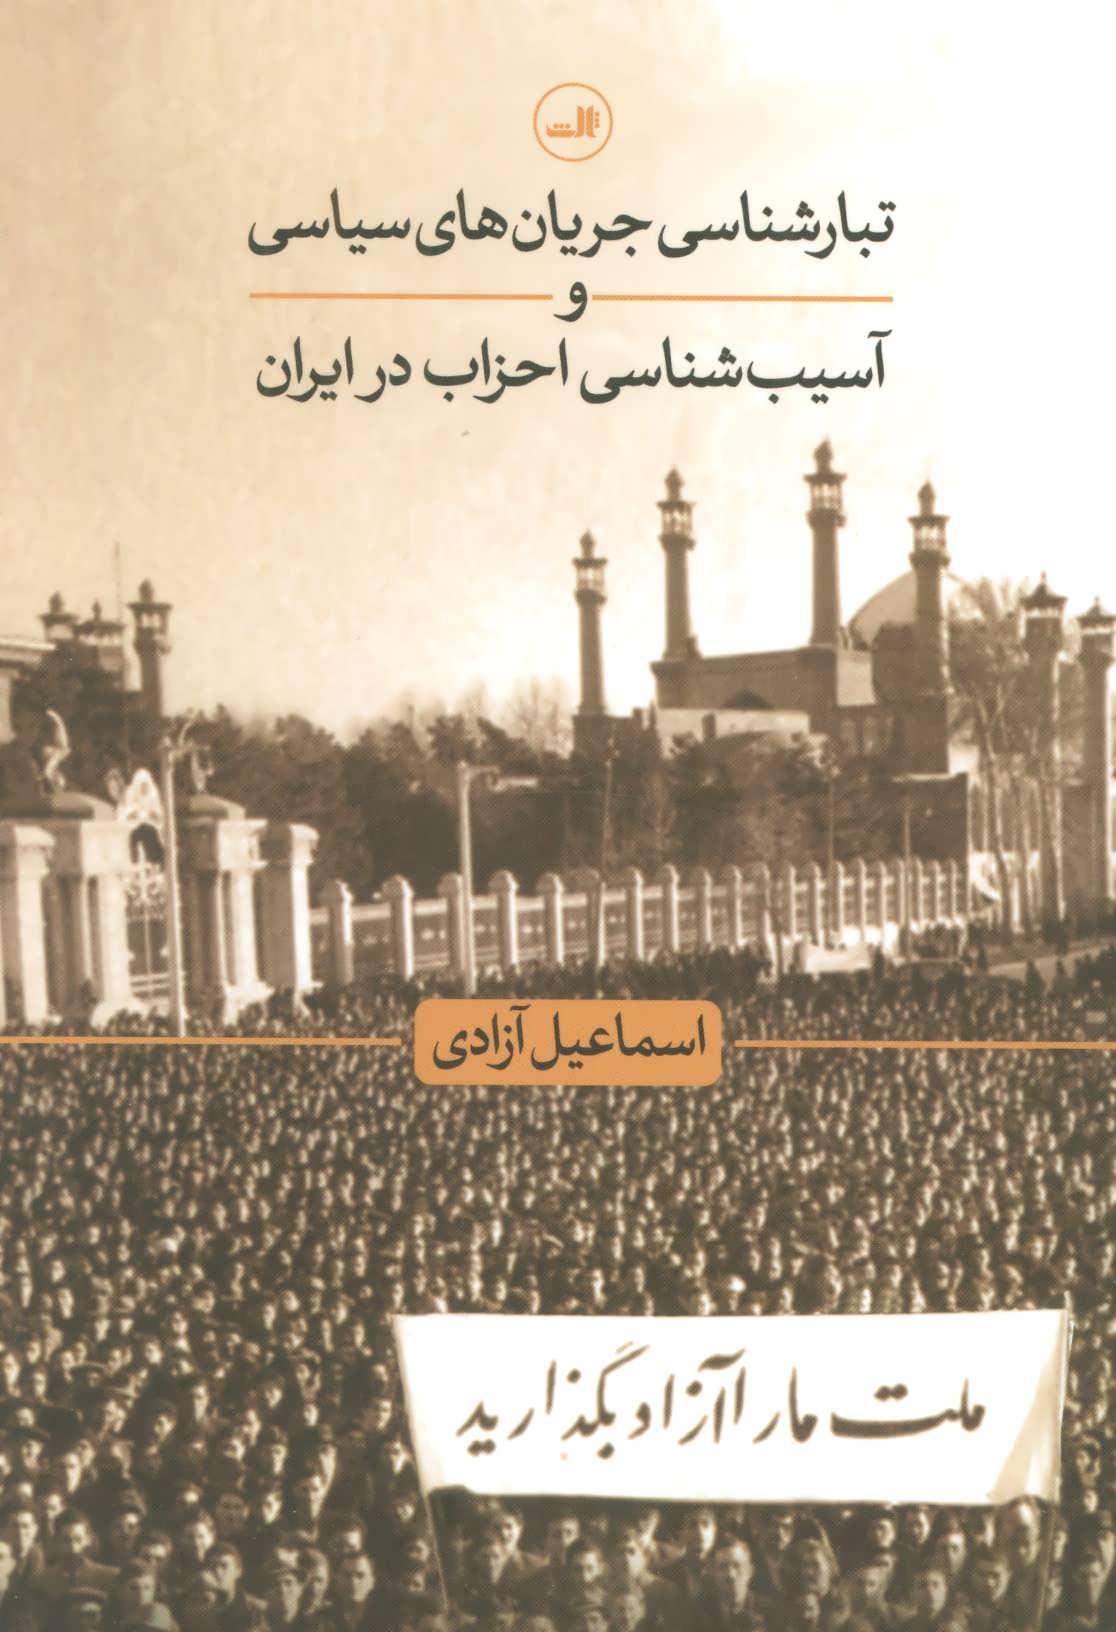 تبارشناسی جریان های سیاسی و آسیب شناسی احزاب در ایران